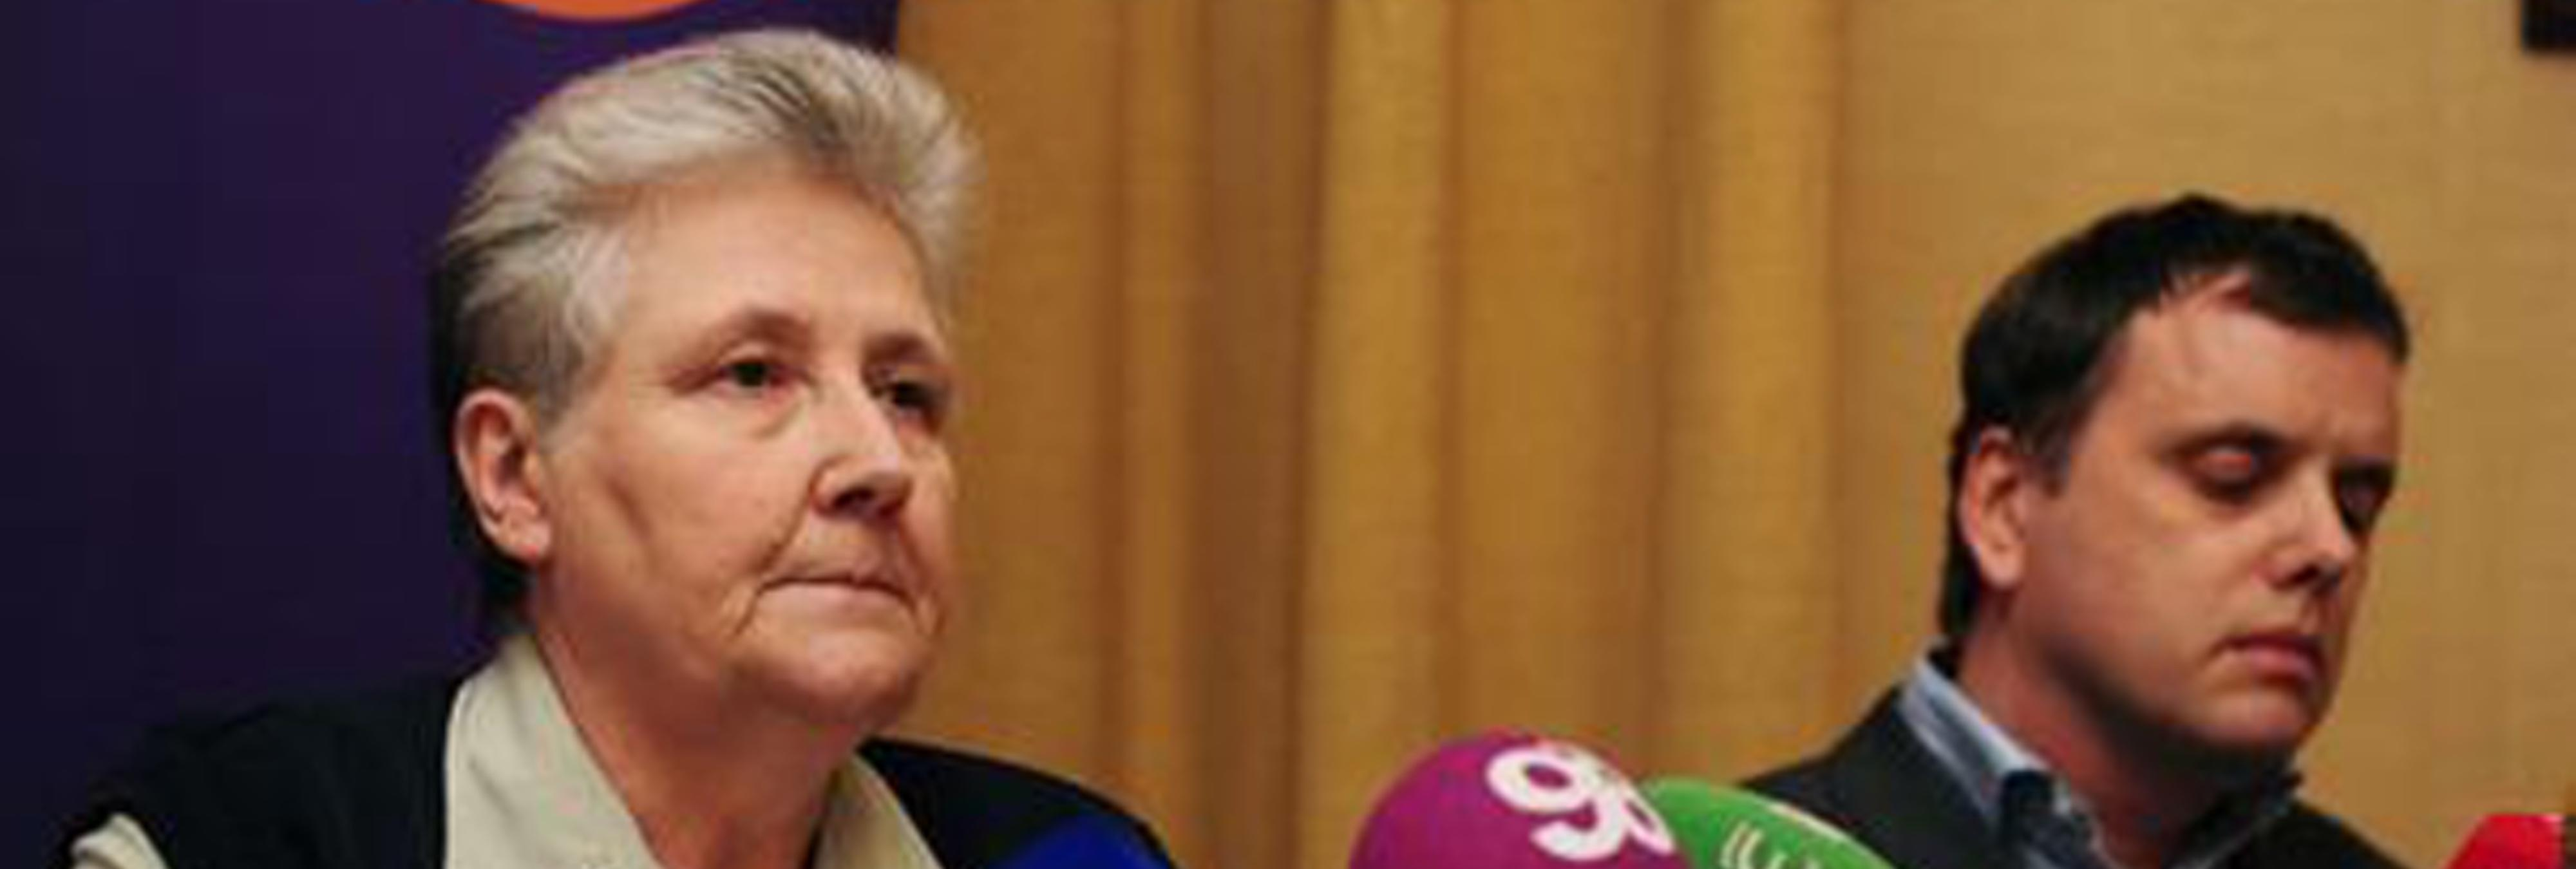 Dimite una víctima de abusos de la Comisión Antipederastia del Vaticano por falta de cooperación